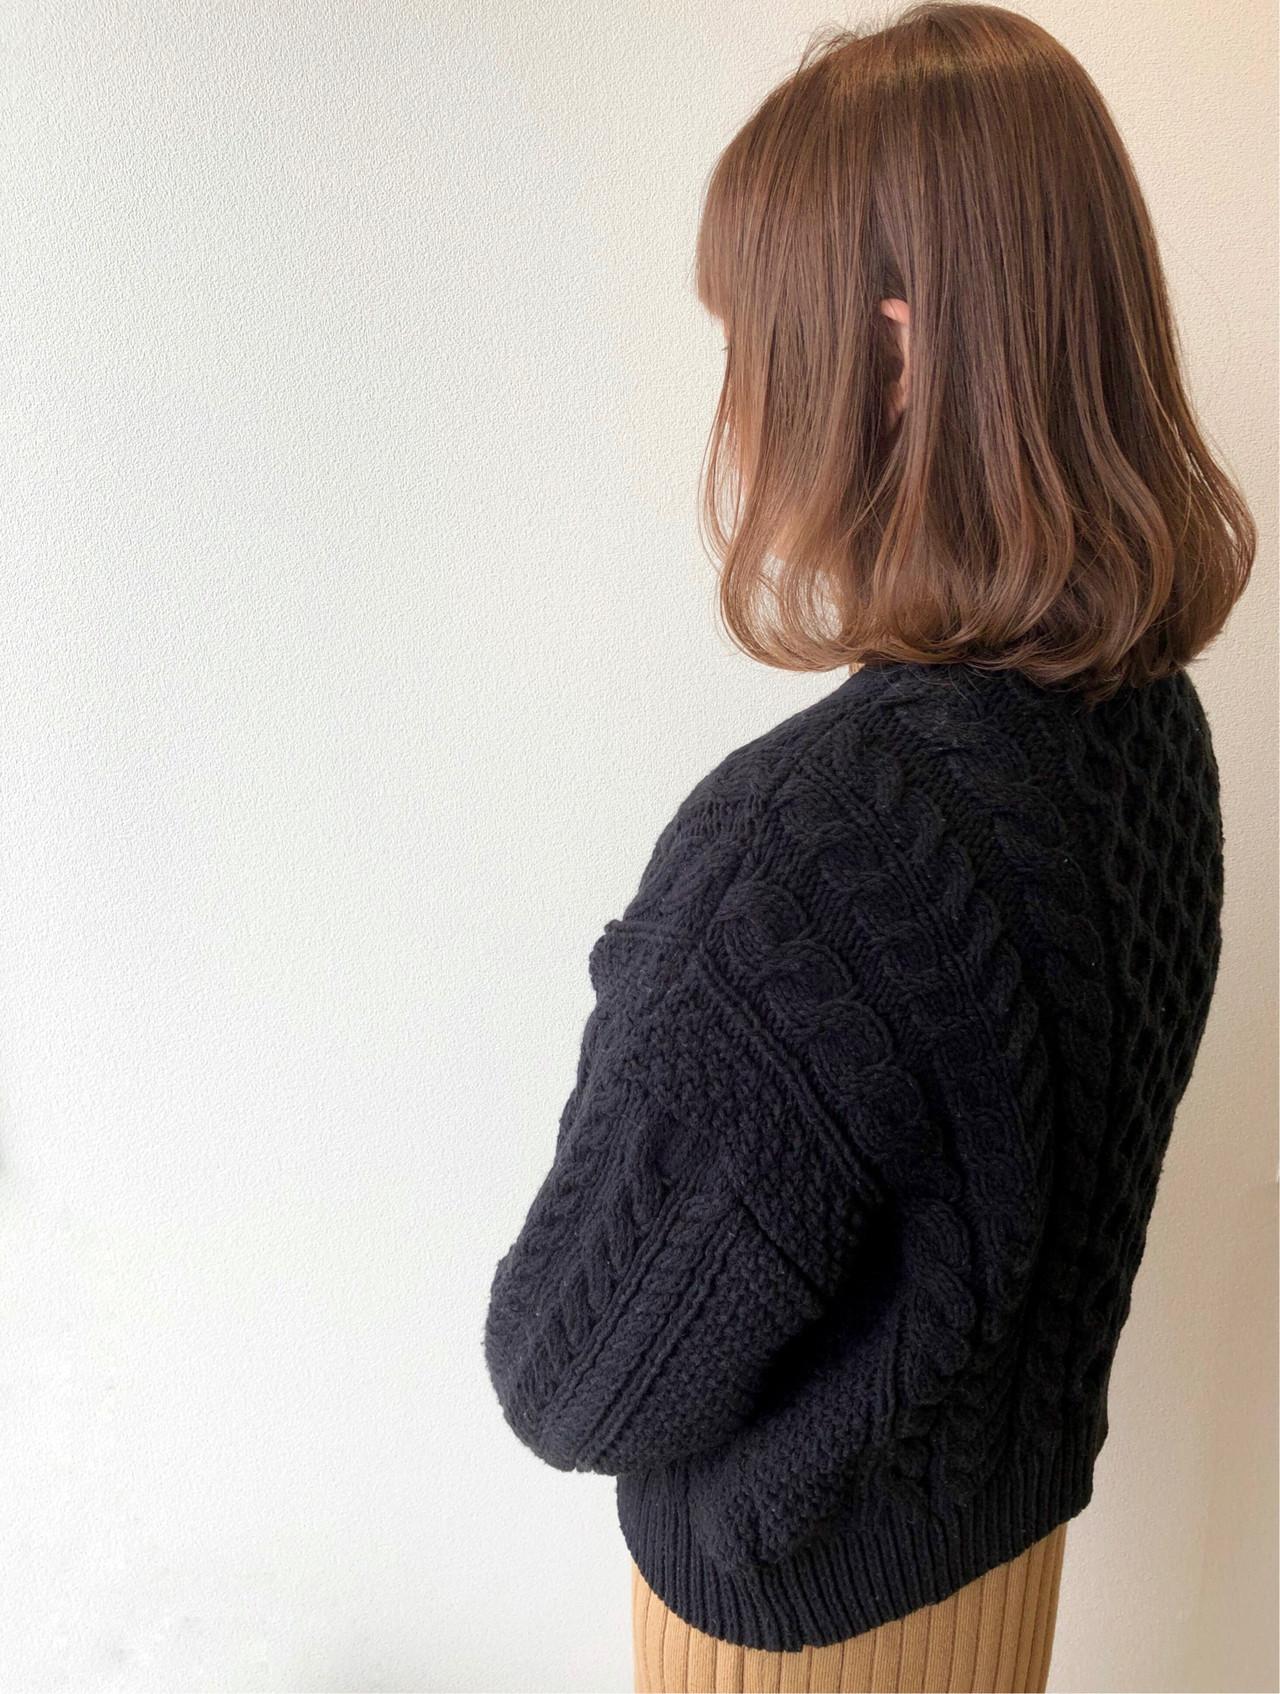 ワンカール アッシュベージュ ロブ ベージュ ヘアスタイルや髪型の写真・画像